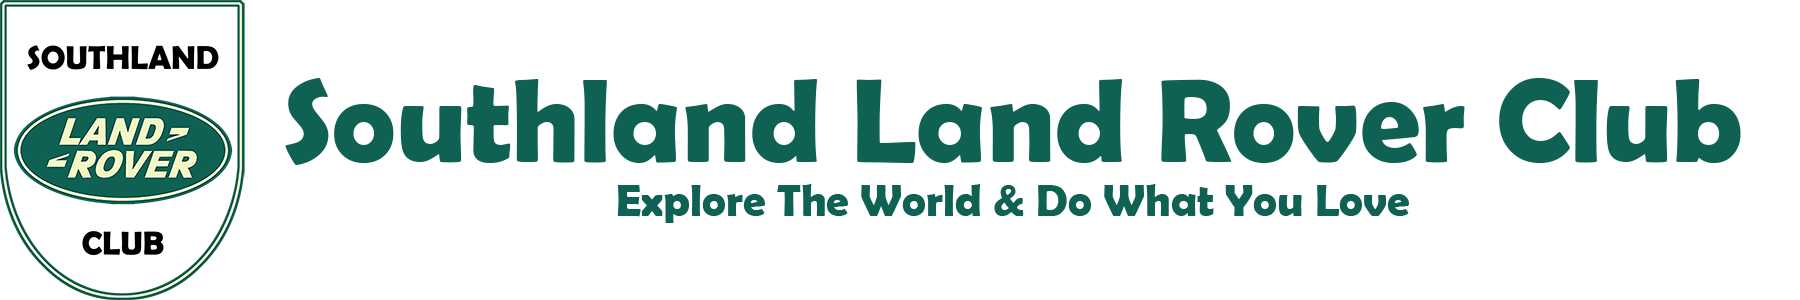 Southland Landrover Club